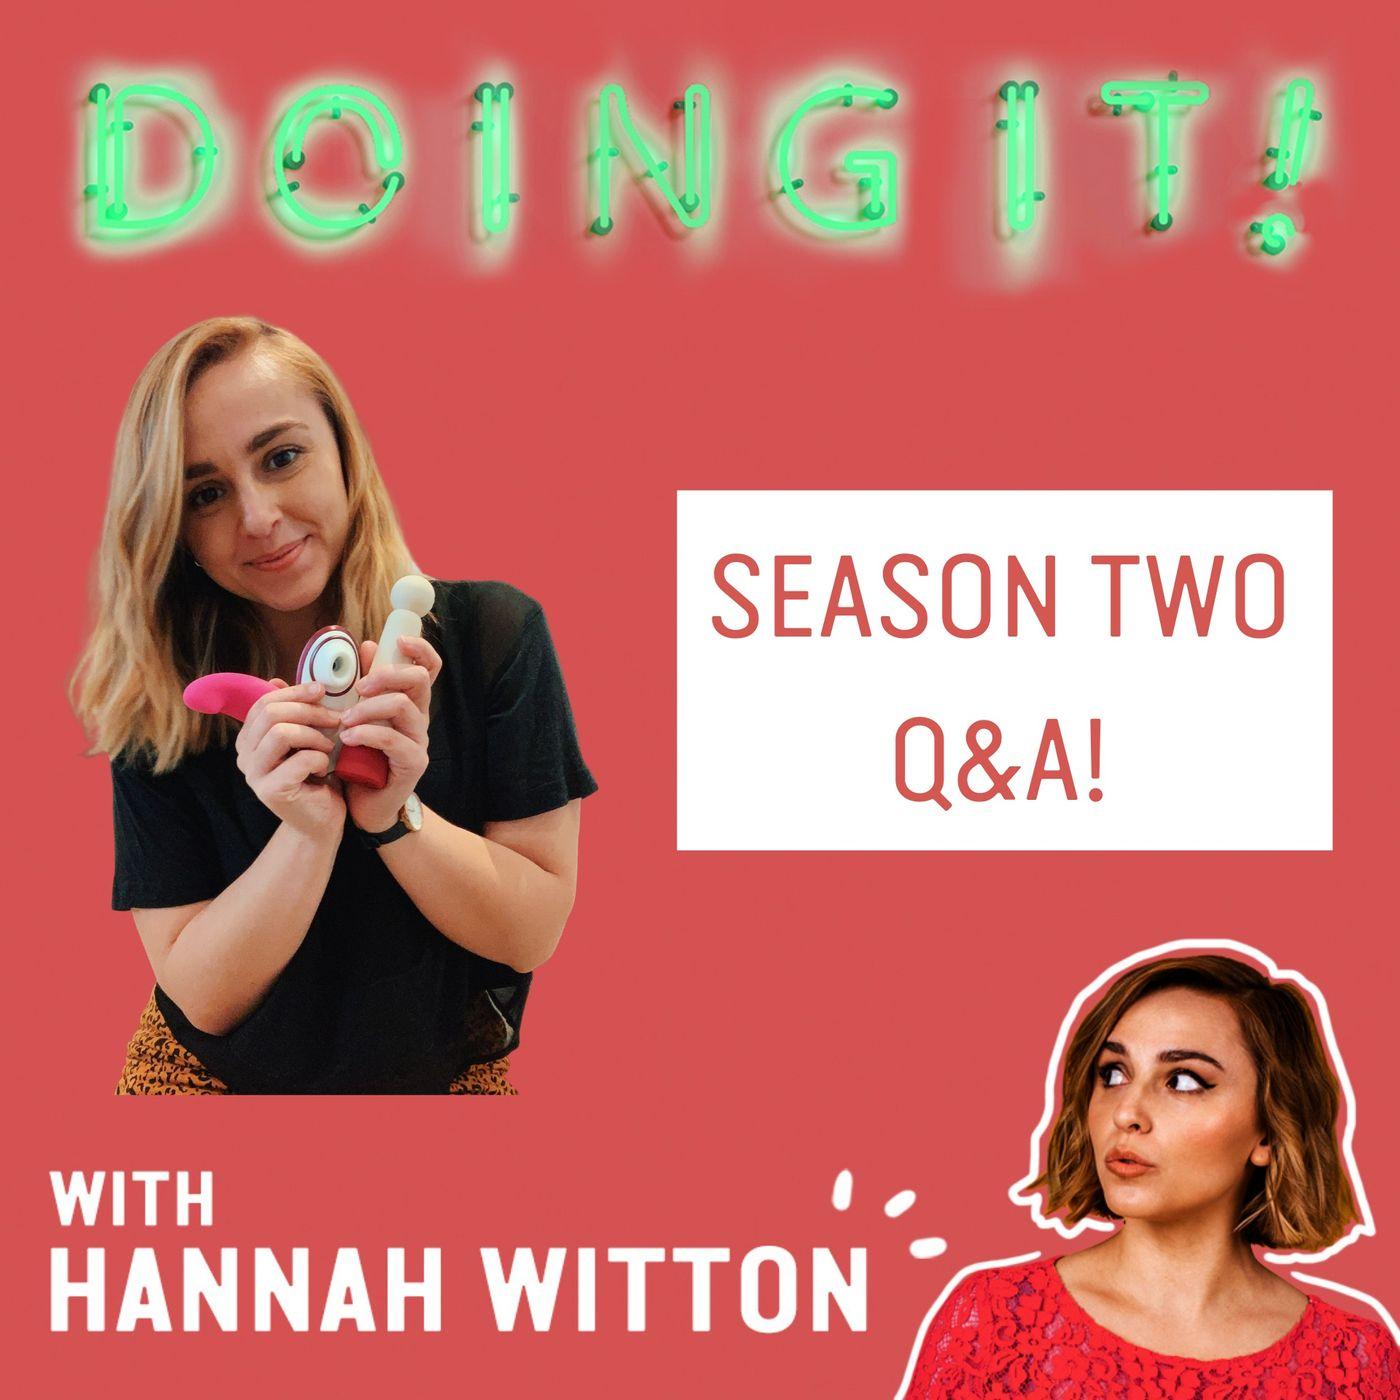 End of Season 2 Q&A